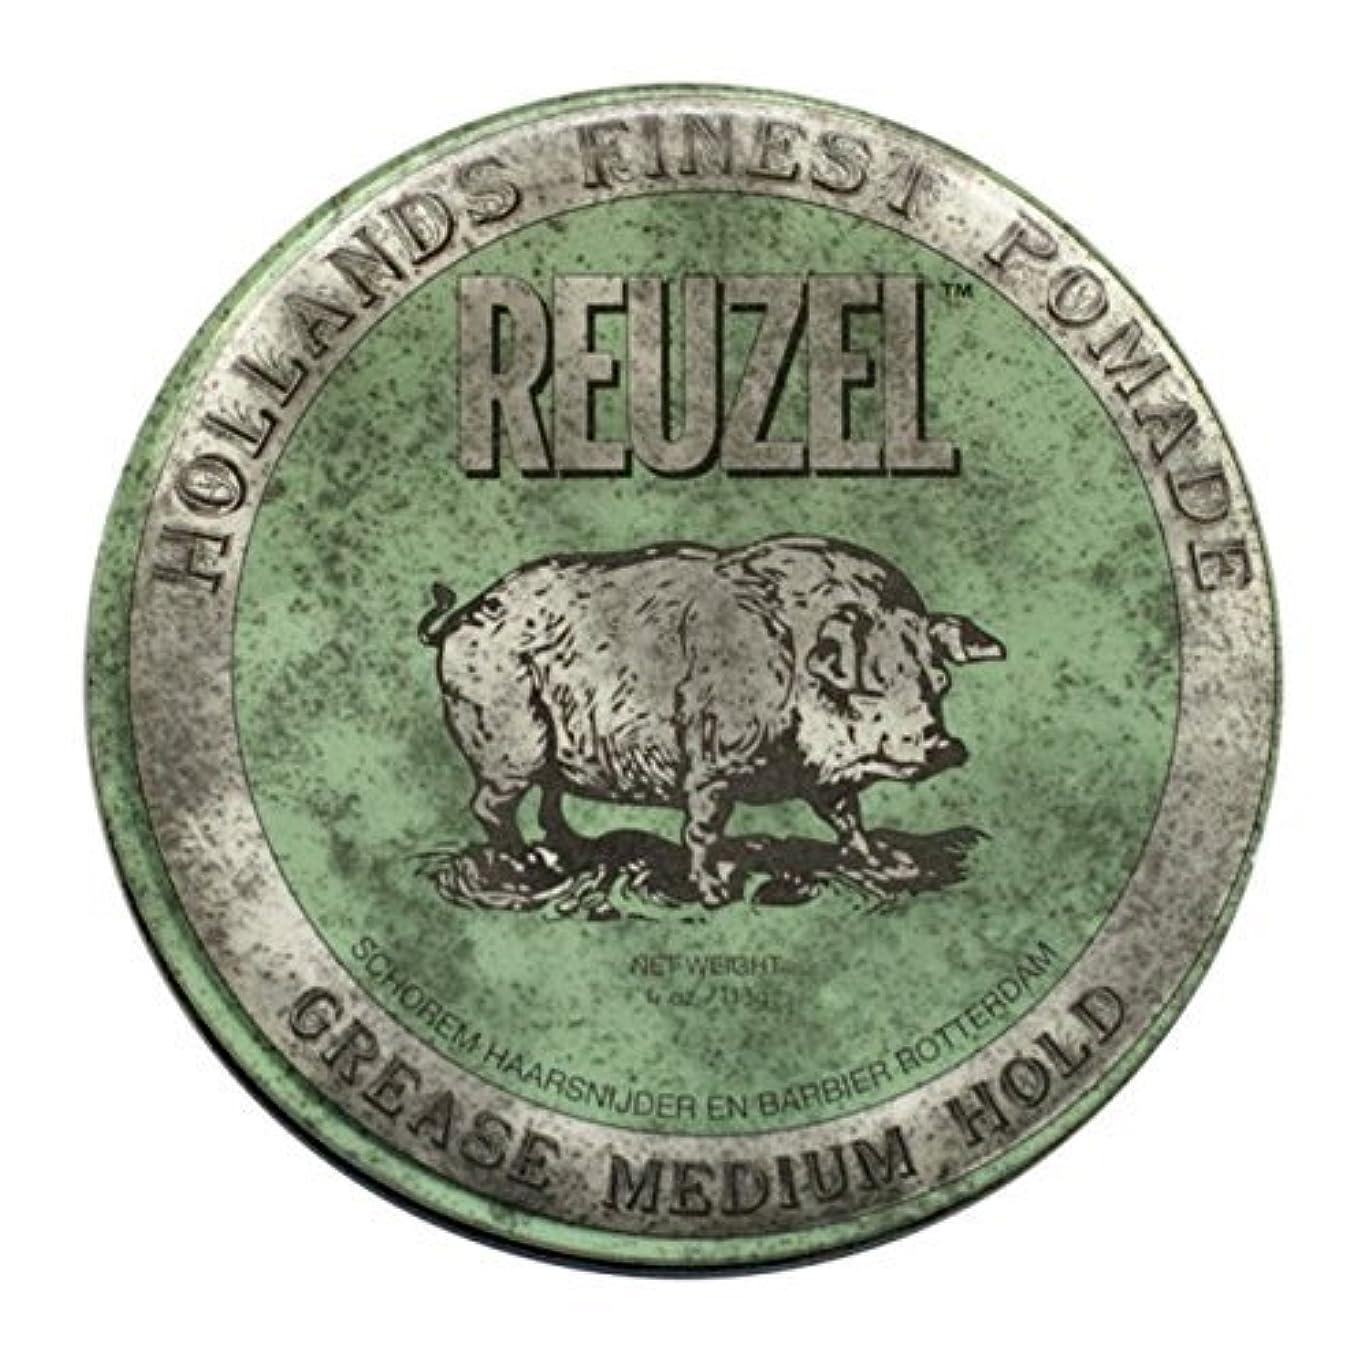 はねかける役に立つレジデンスREUZEL Grease Hold Hair Styling Pomade Piglet Wax/Gel, Medium, Green, 1.3 oz, 35g [並行輸入品]